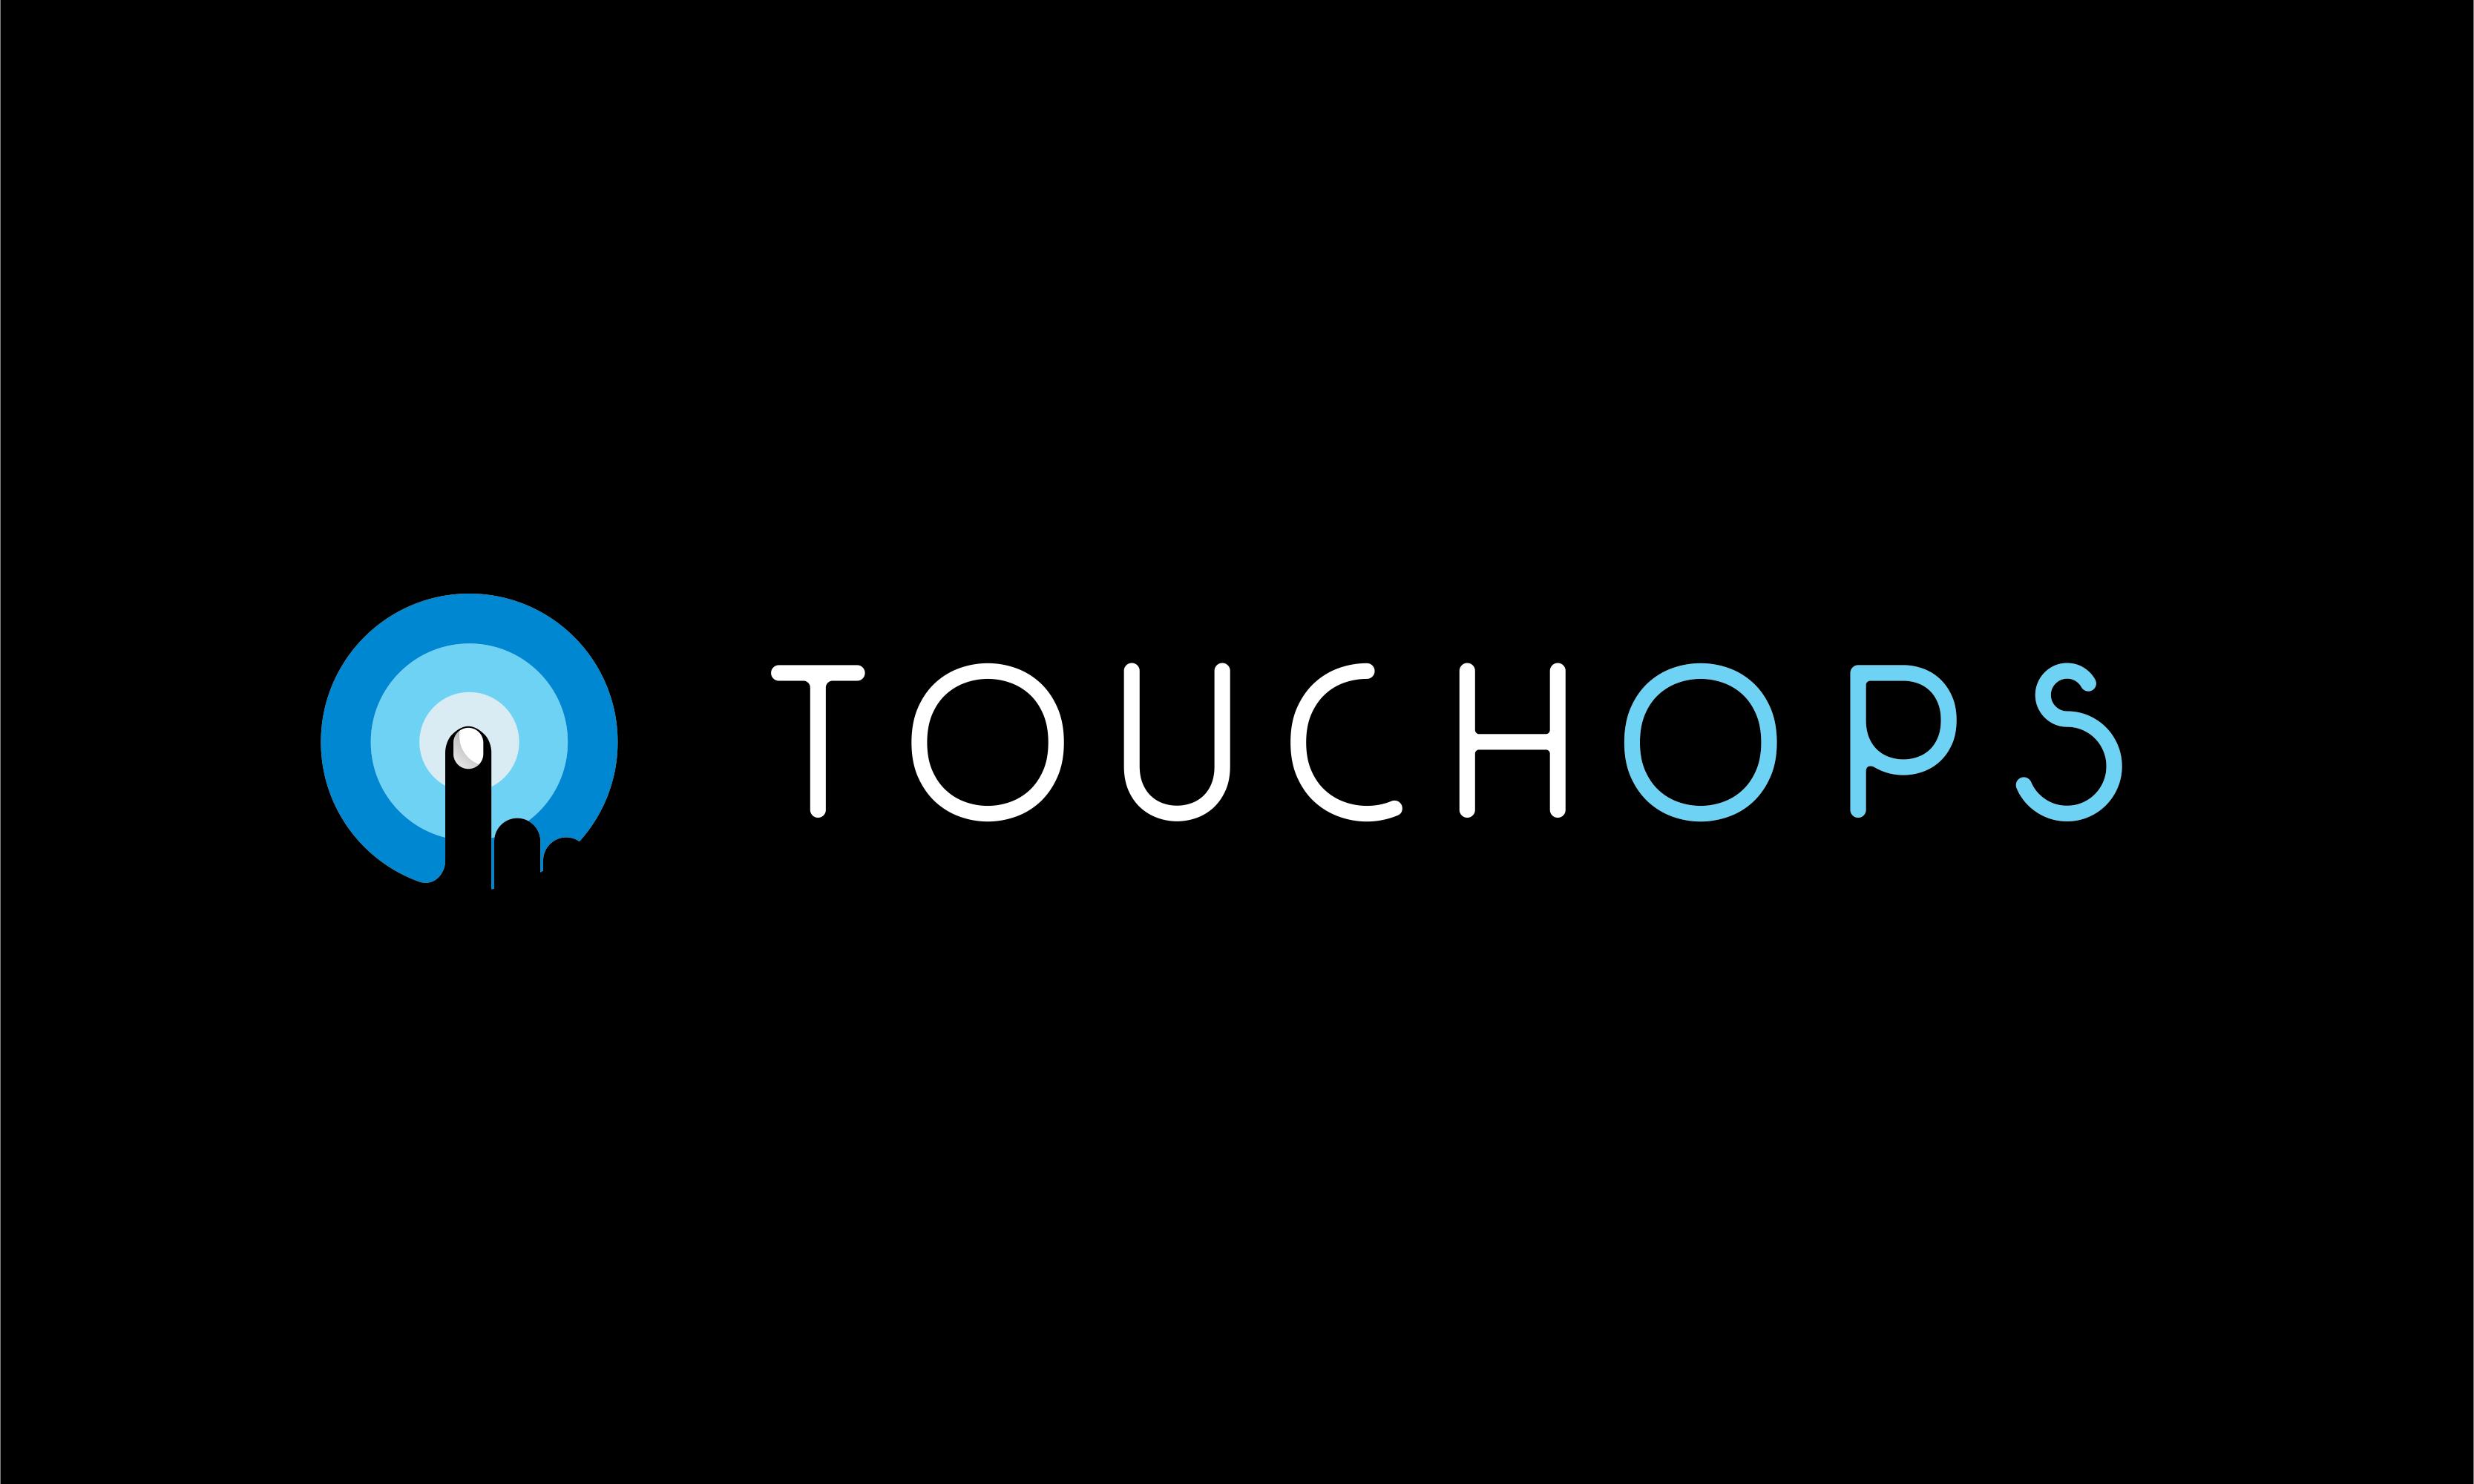 Touchops